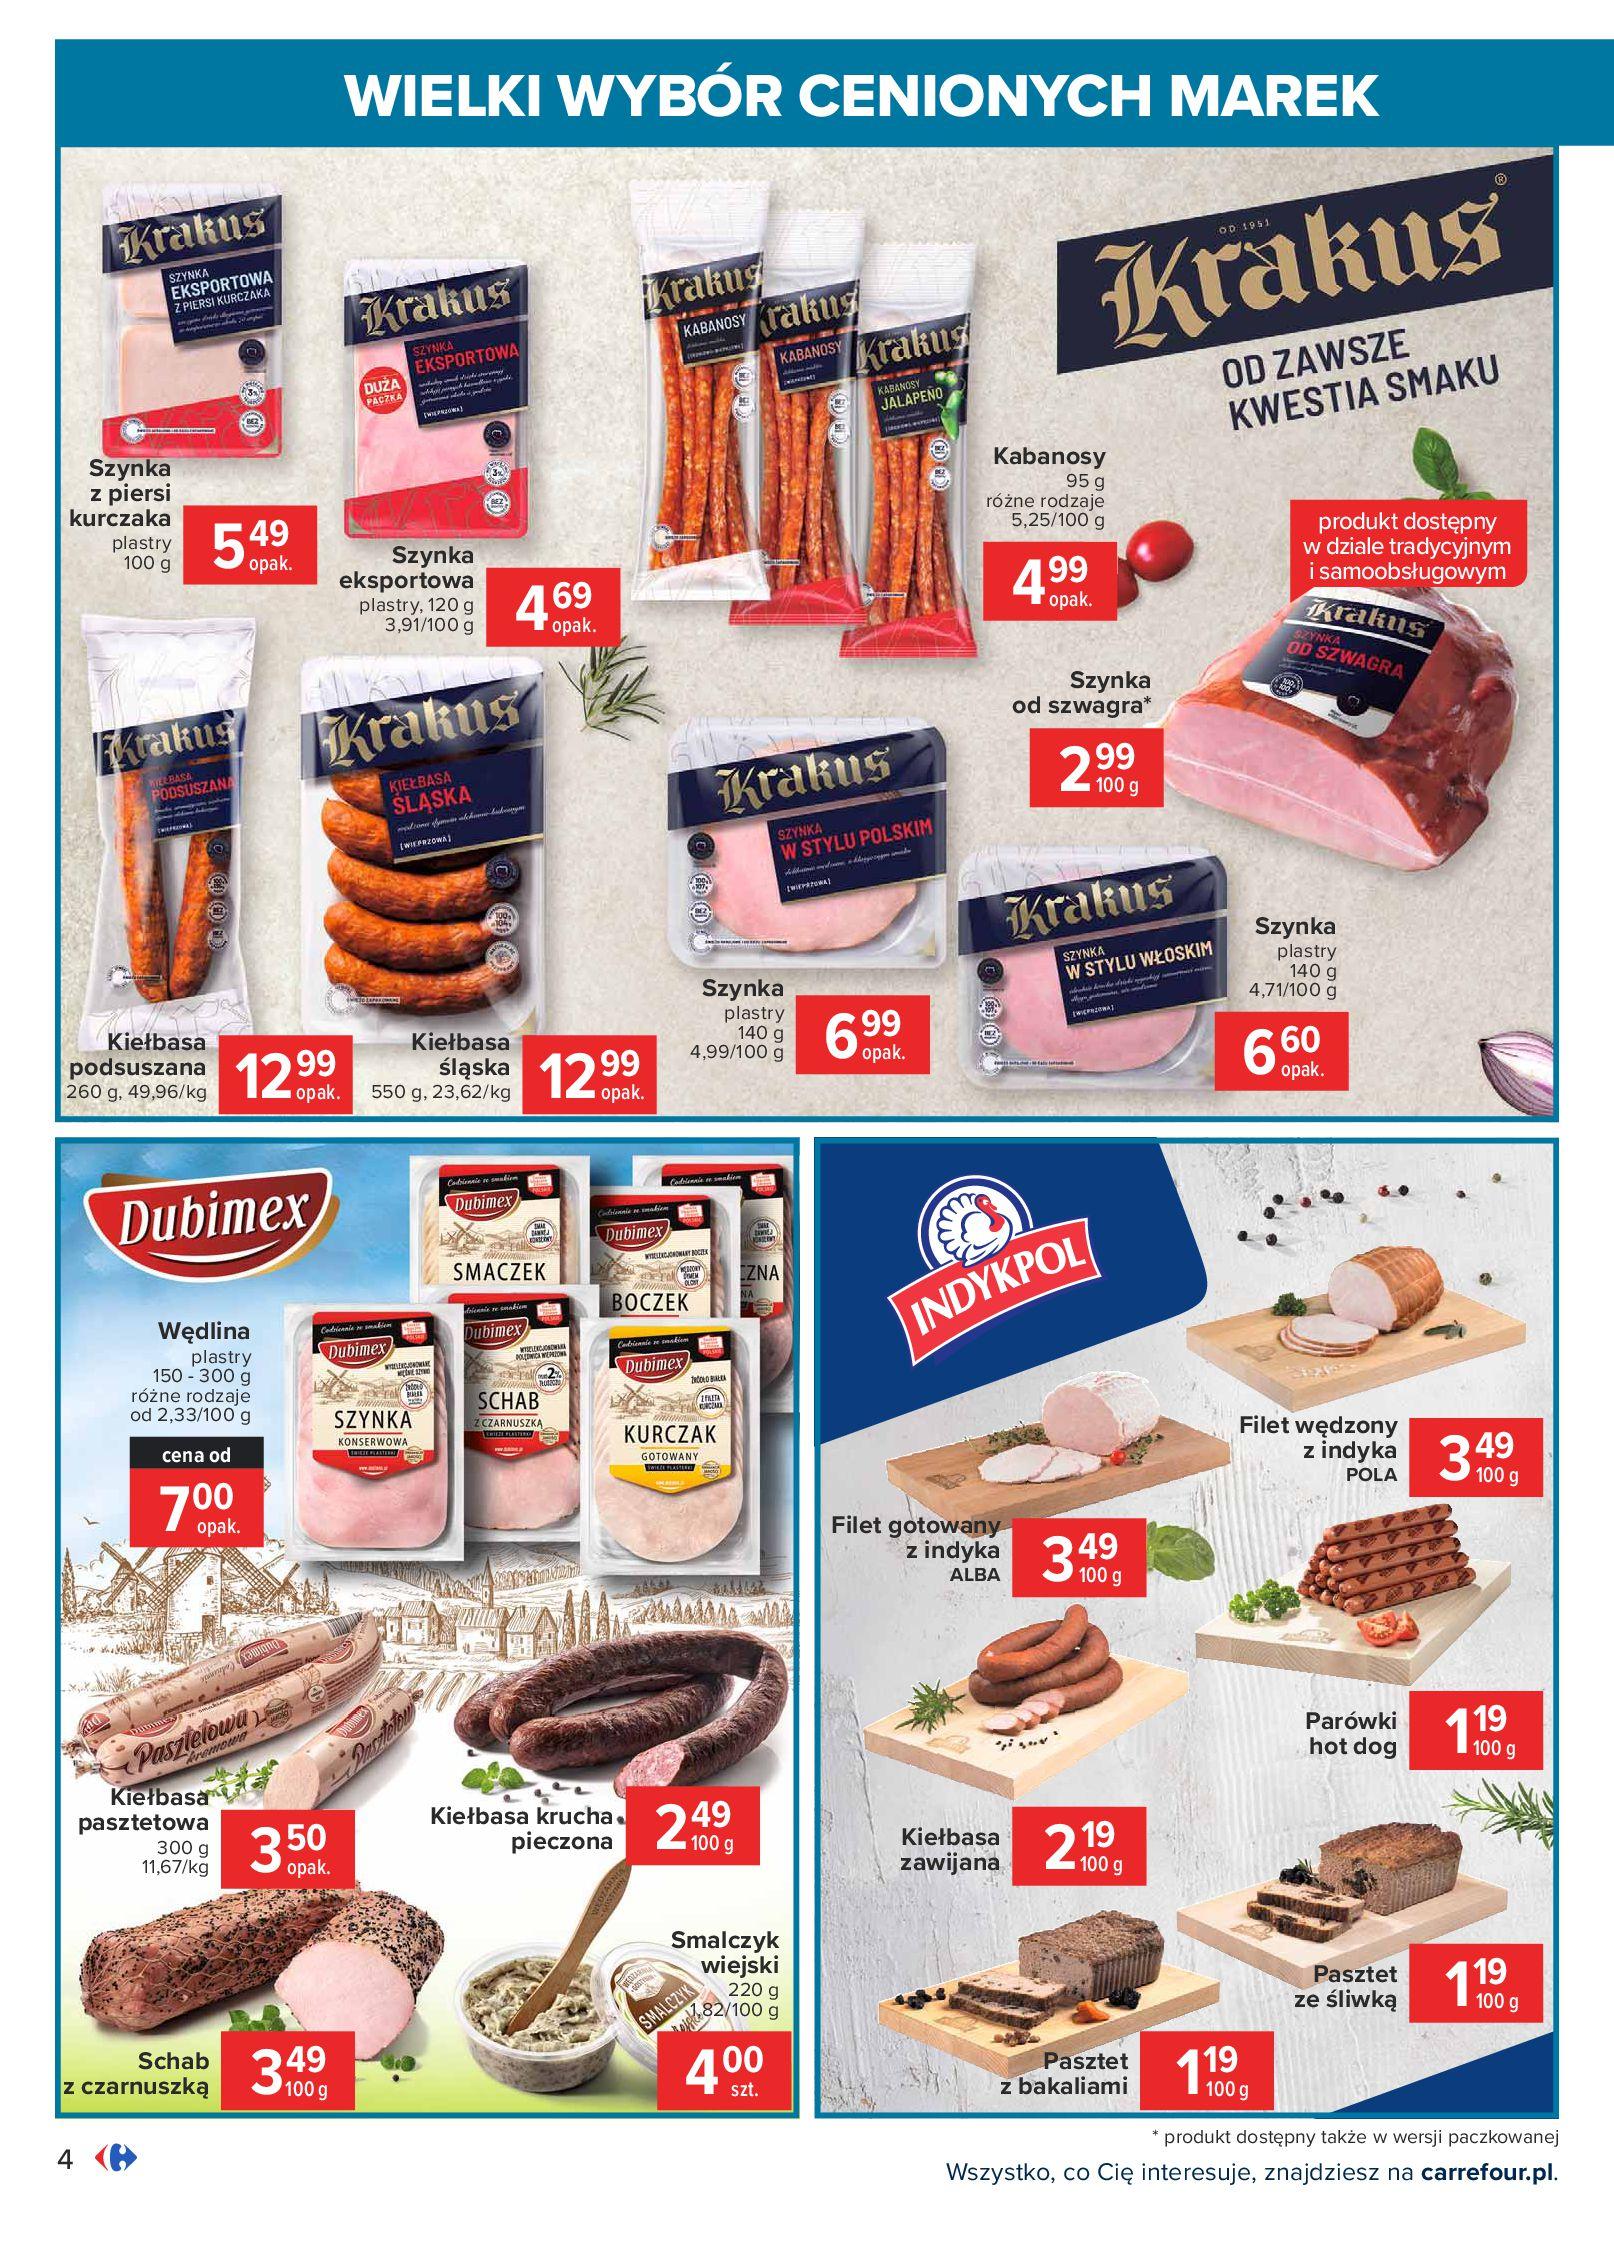 Gazetka Carrefour: Wielki wybór cenionych marek 2021-05-04 page-4